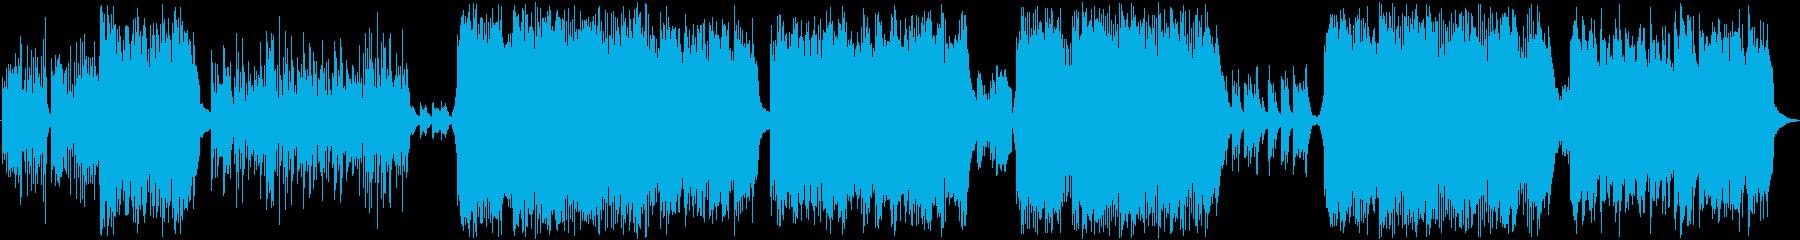 和曲、ピアノ、三拍子の再生済みの波形